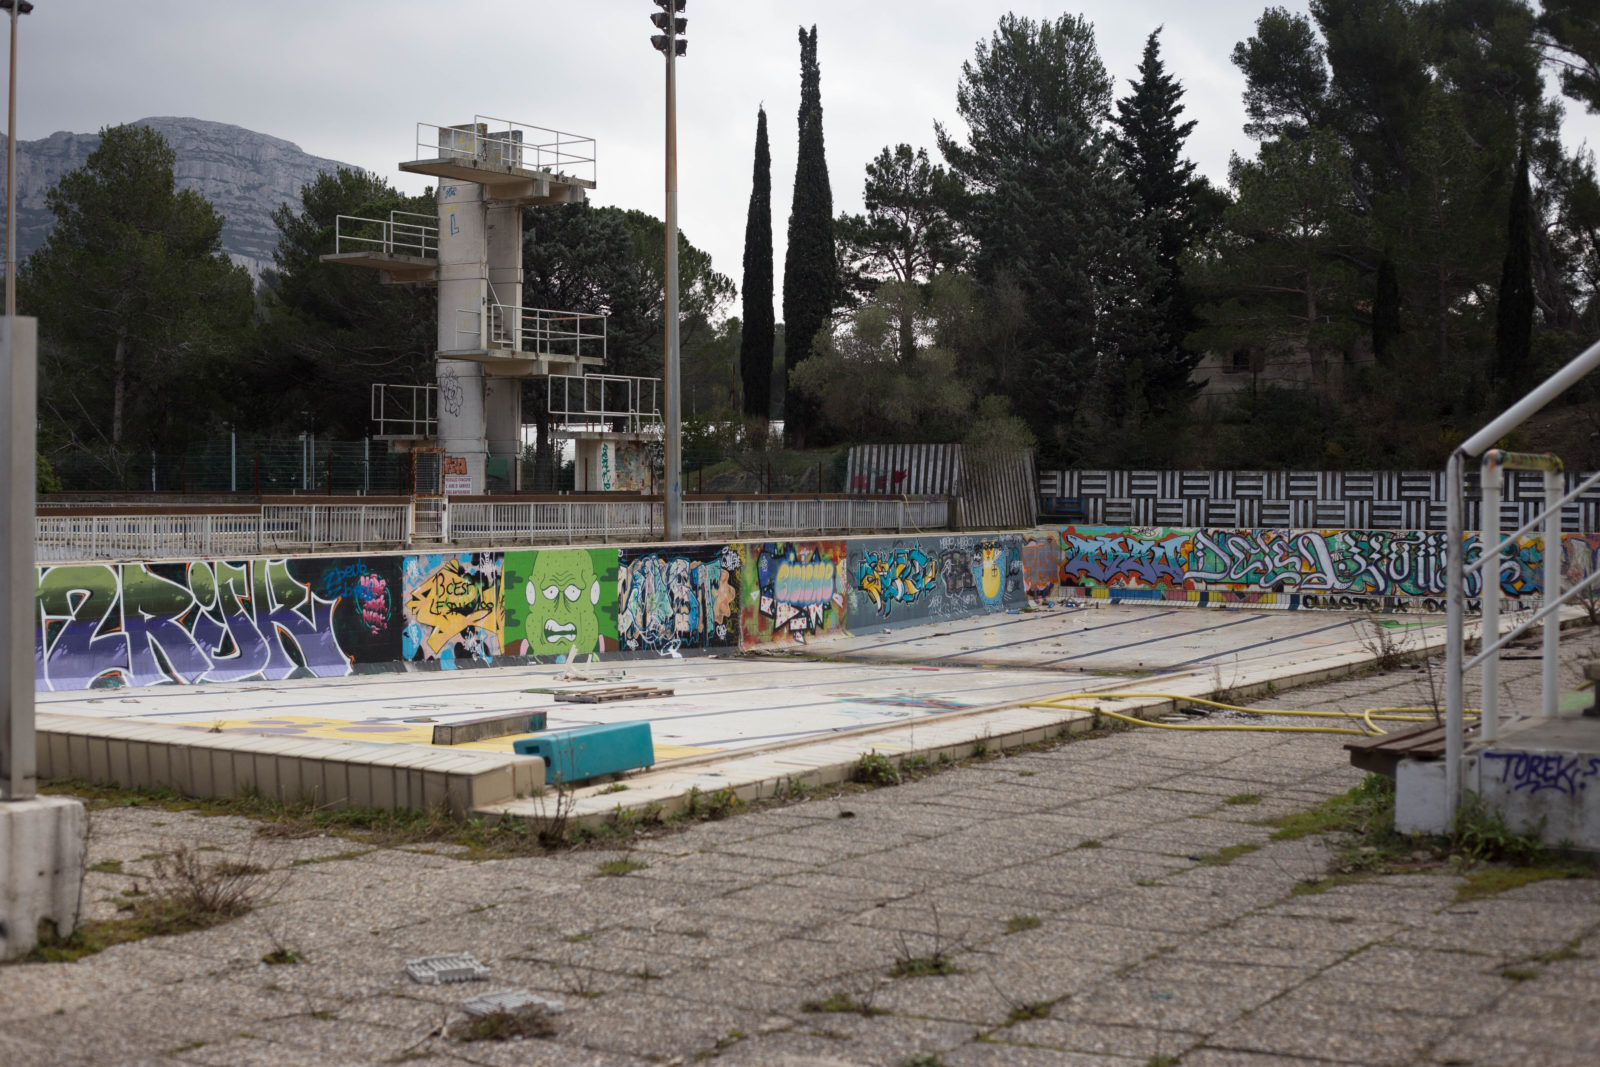 tomaslemoine slopestyle vtt rider freestyle velo piscine marseille plongeoir urbex 6966 - Le champion Tomas Lemoine assure une séance de VTT inédite dans une piscine désaffectée !